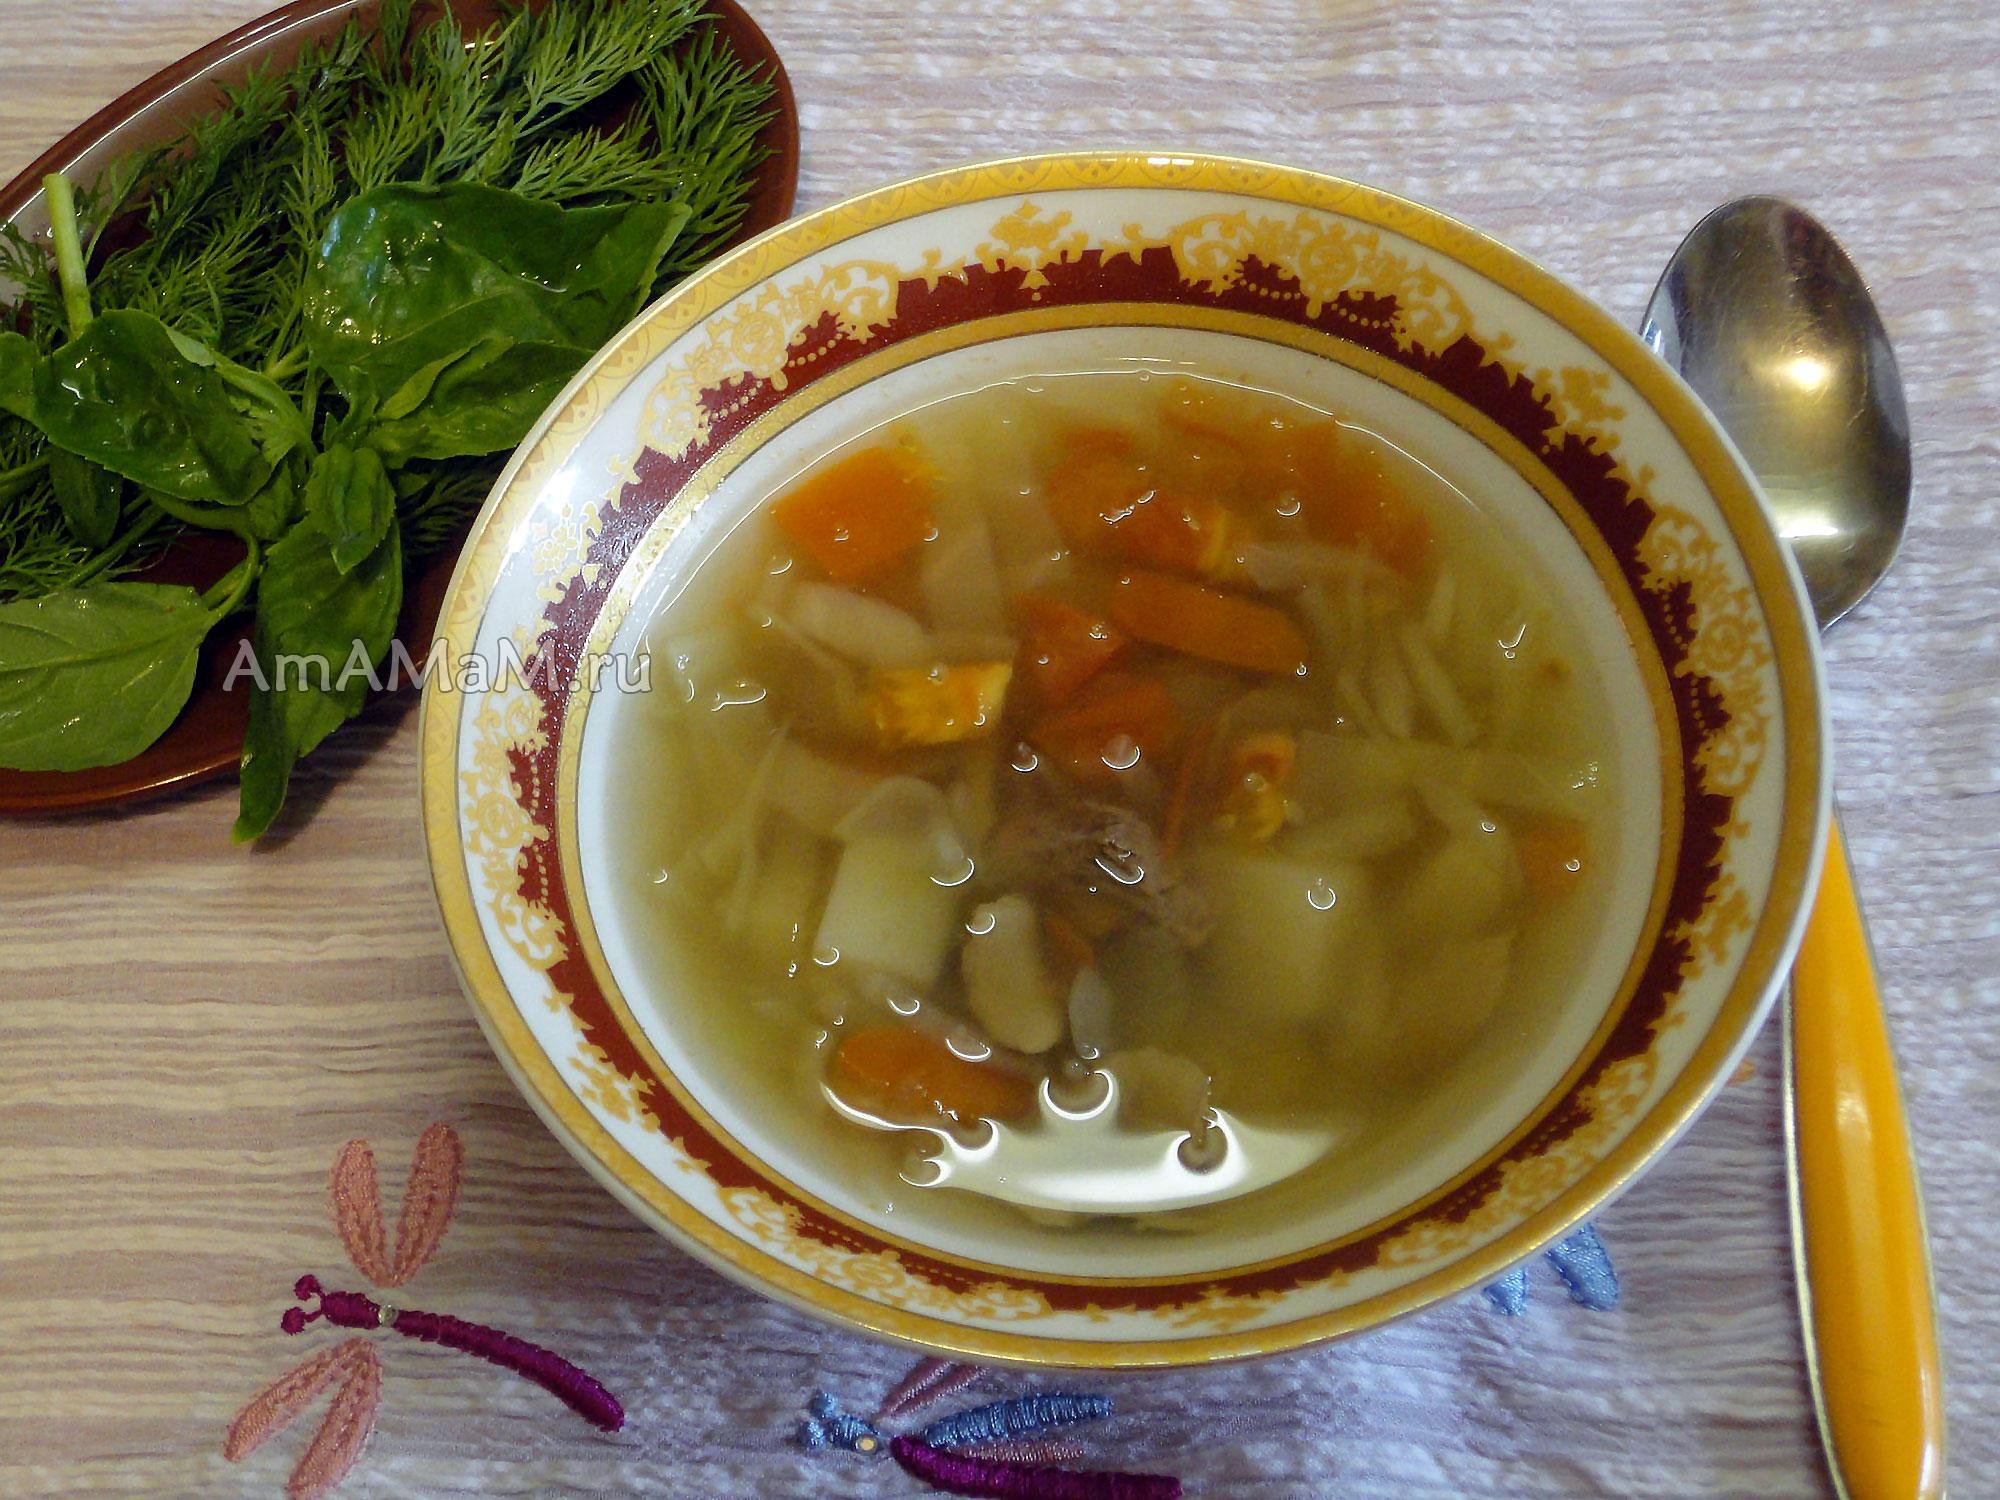 простой рецепт супа из квашеной капусты